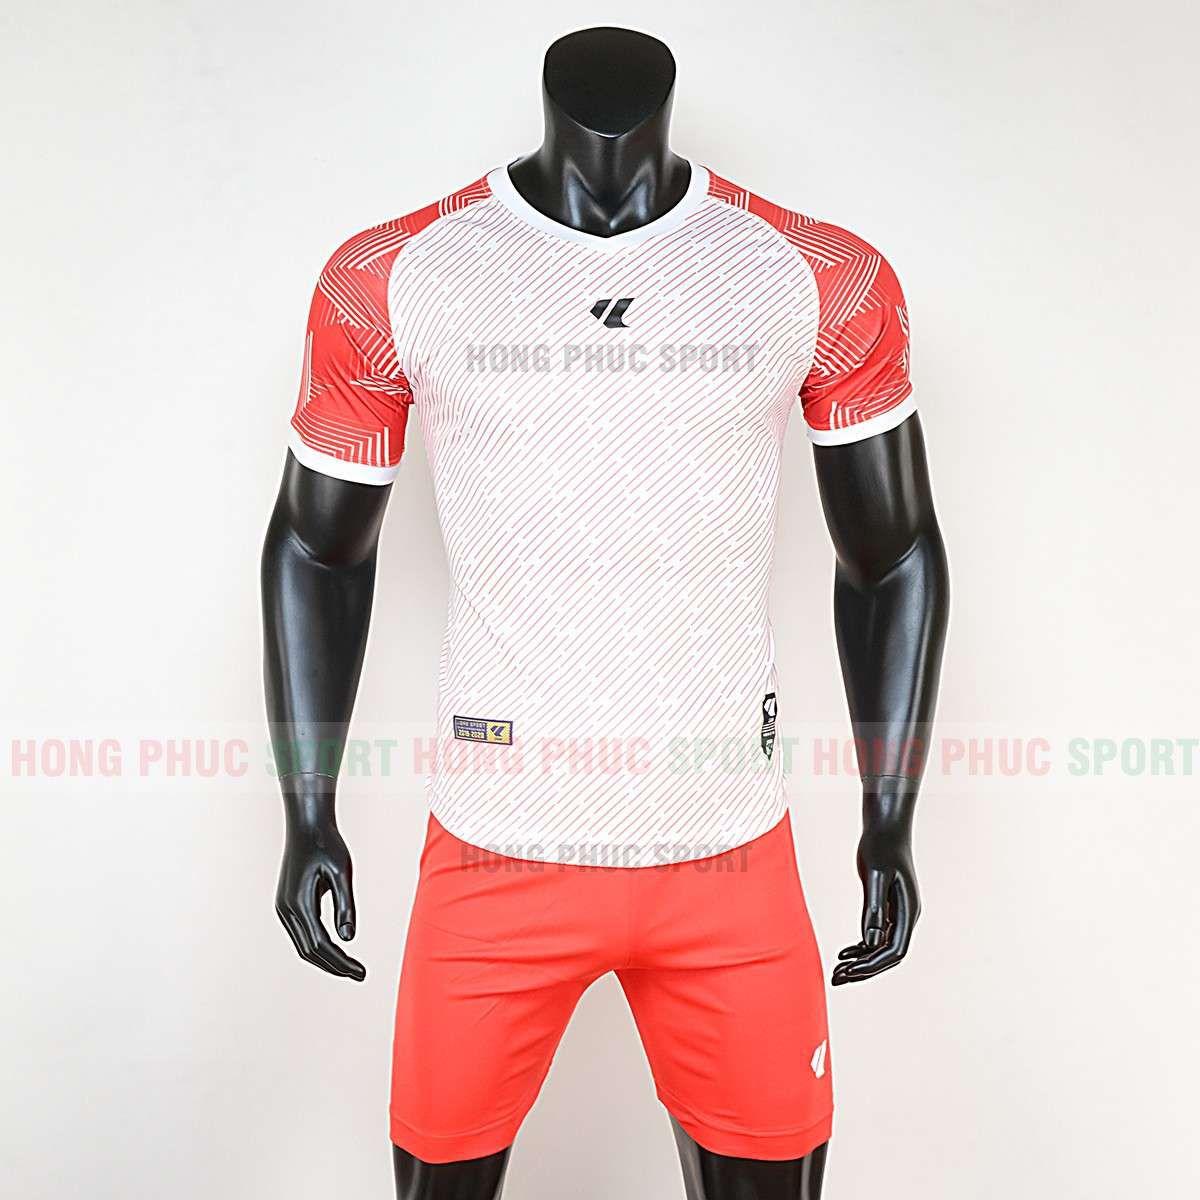 https://cdn.hongphucsport.com/unsafe/cdn.hongphucsport.com/dothethao.net.vn/wp-content/uploads/2020/02/ao-bong-da-khong-logo-lidas-wariors-trang-cam-6.jpg